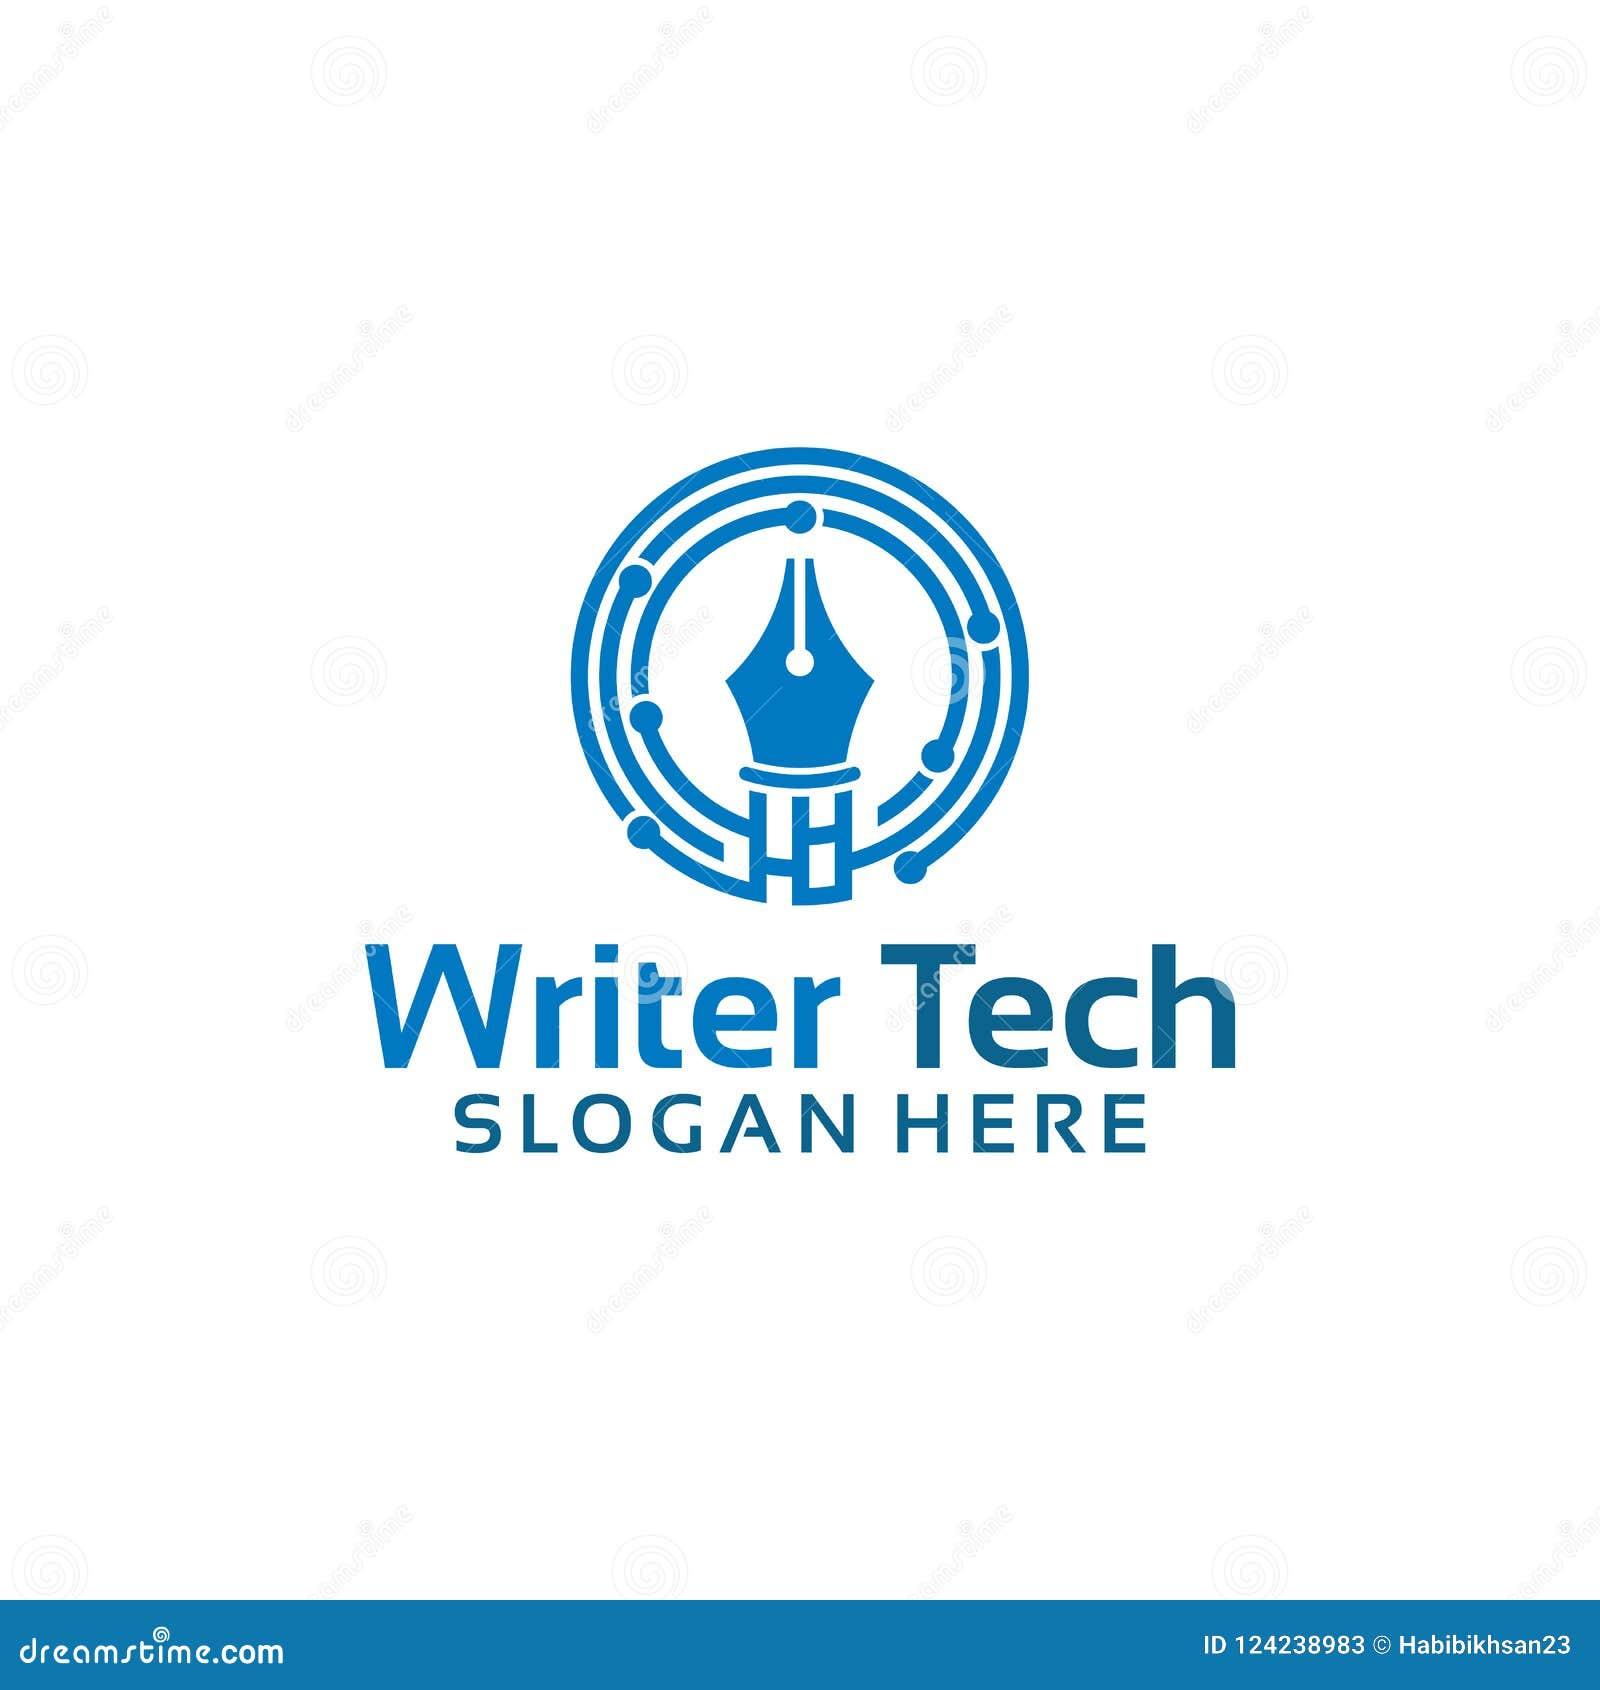 Цифров пишут шаблон логотипа, вектор дизайнов логотипа создателя технологии